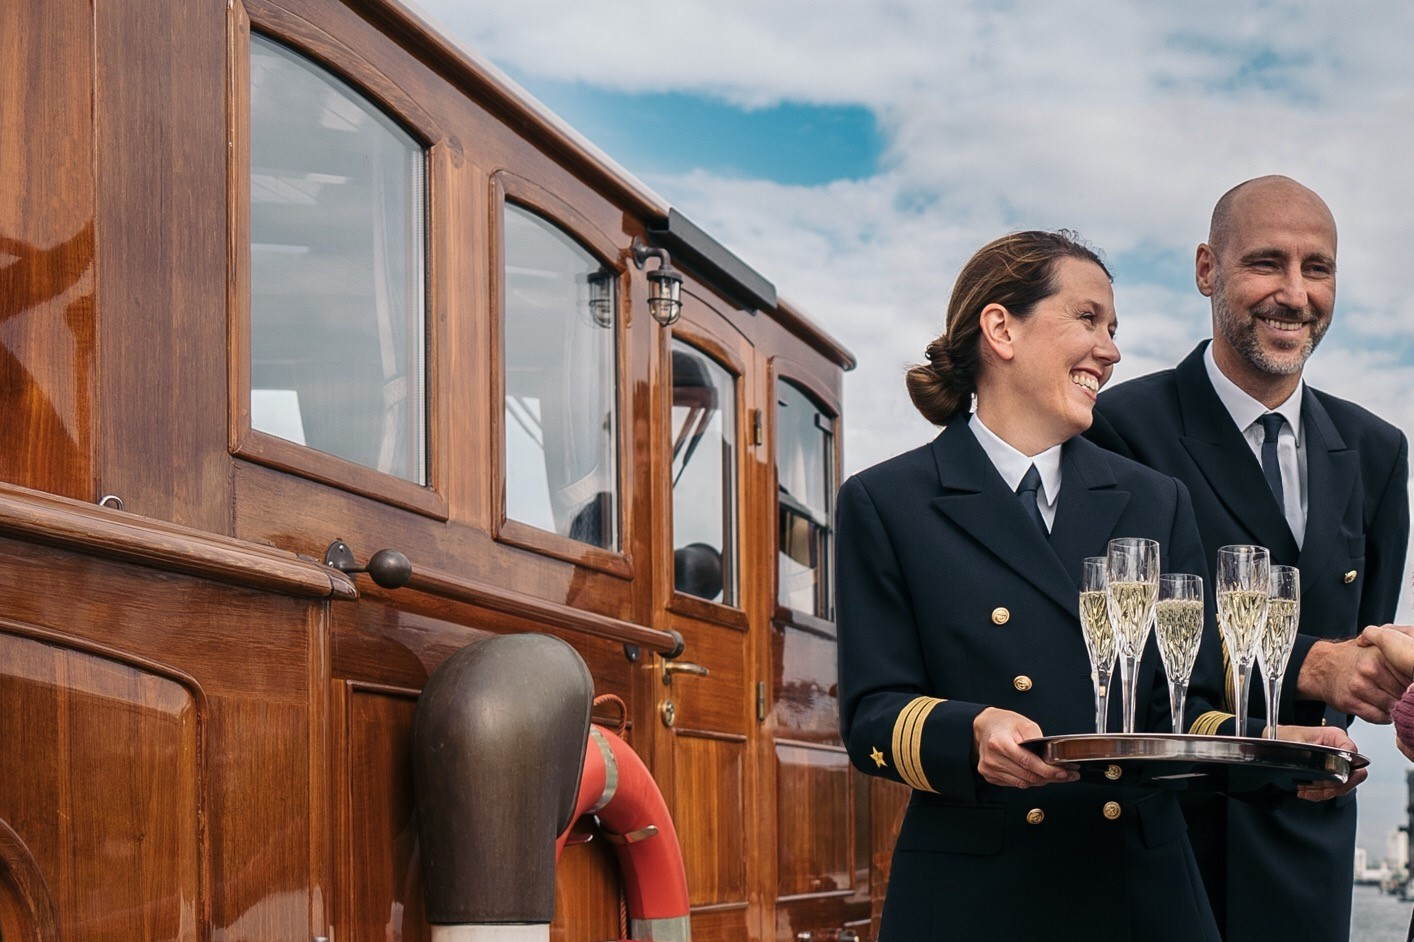 Fitzgerald Begrüßung Schiff Berlin Hochzeit